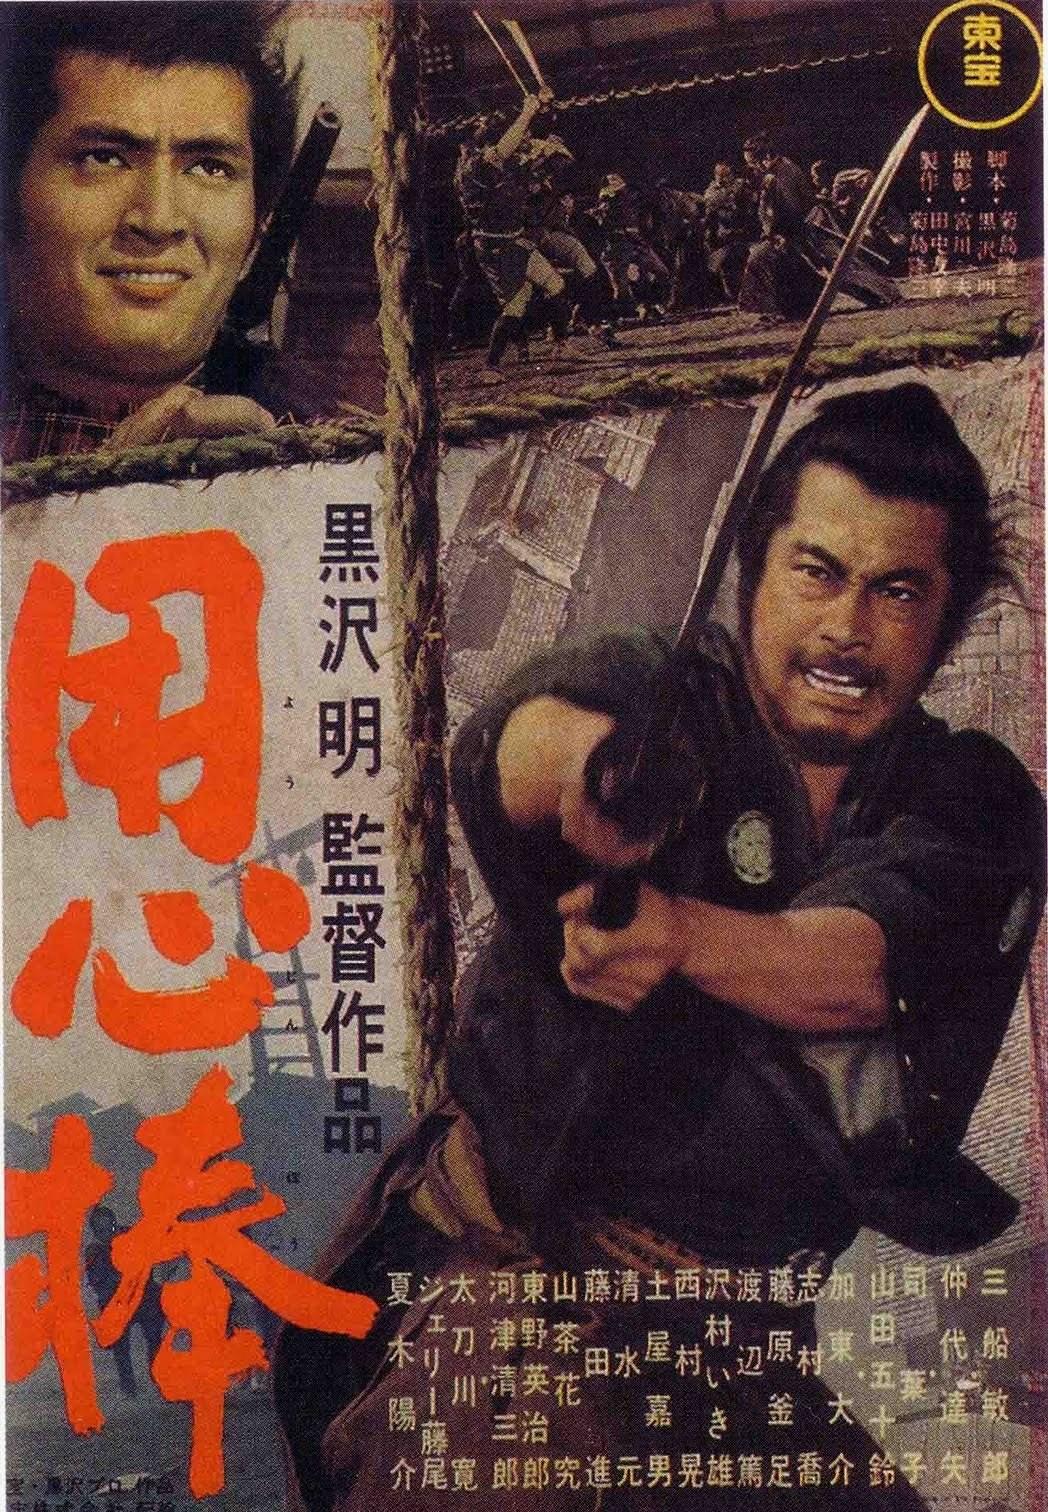 yojimbo_poster